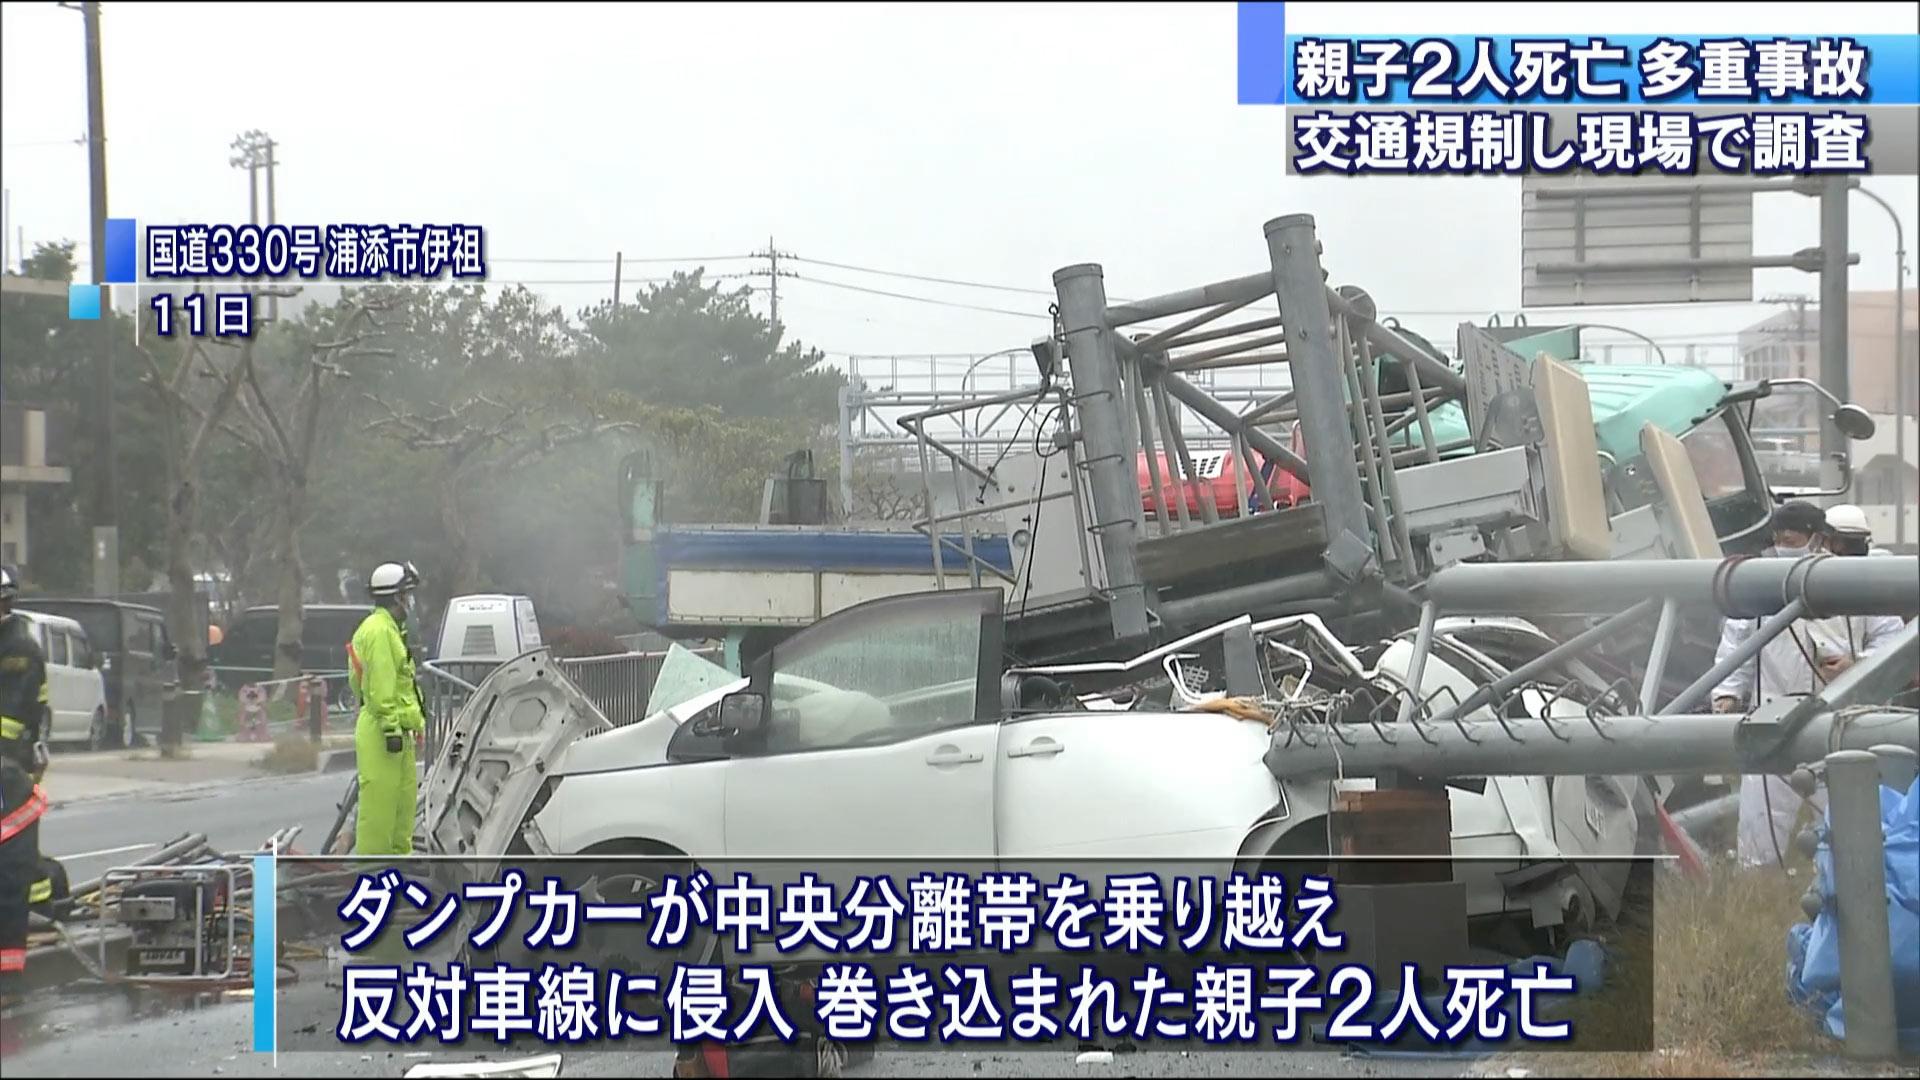 浦添市の多重事故 現場を規制し警察が調査